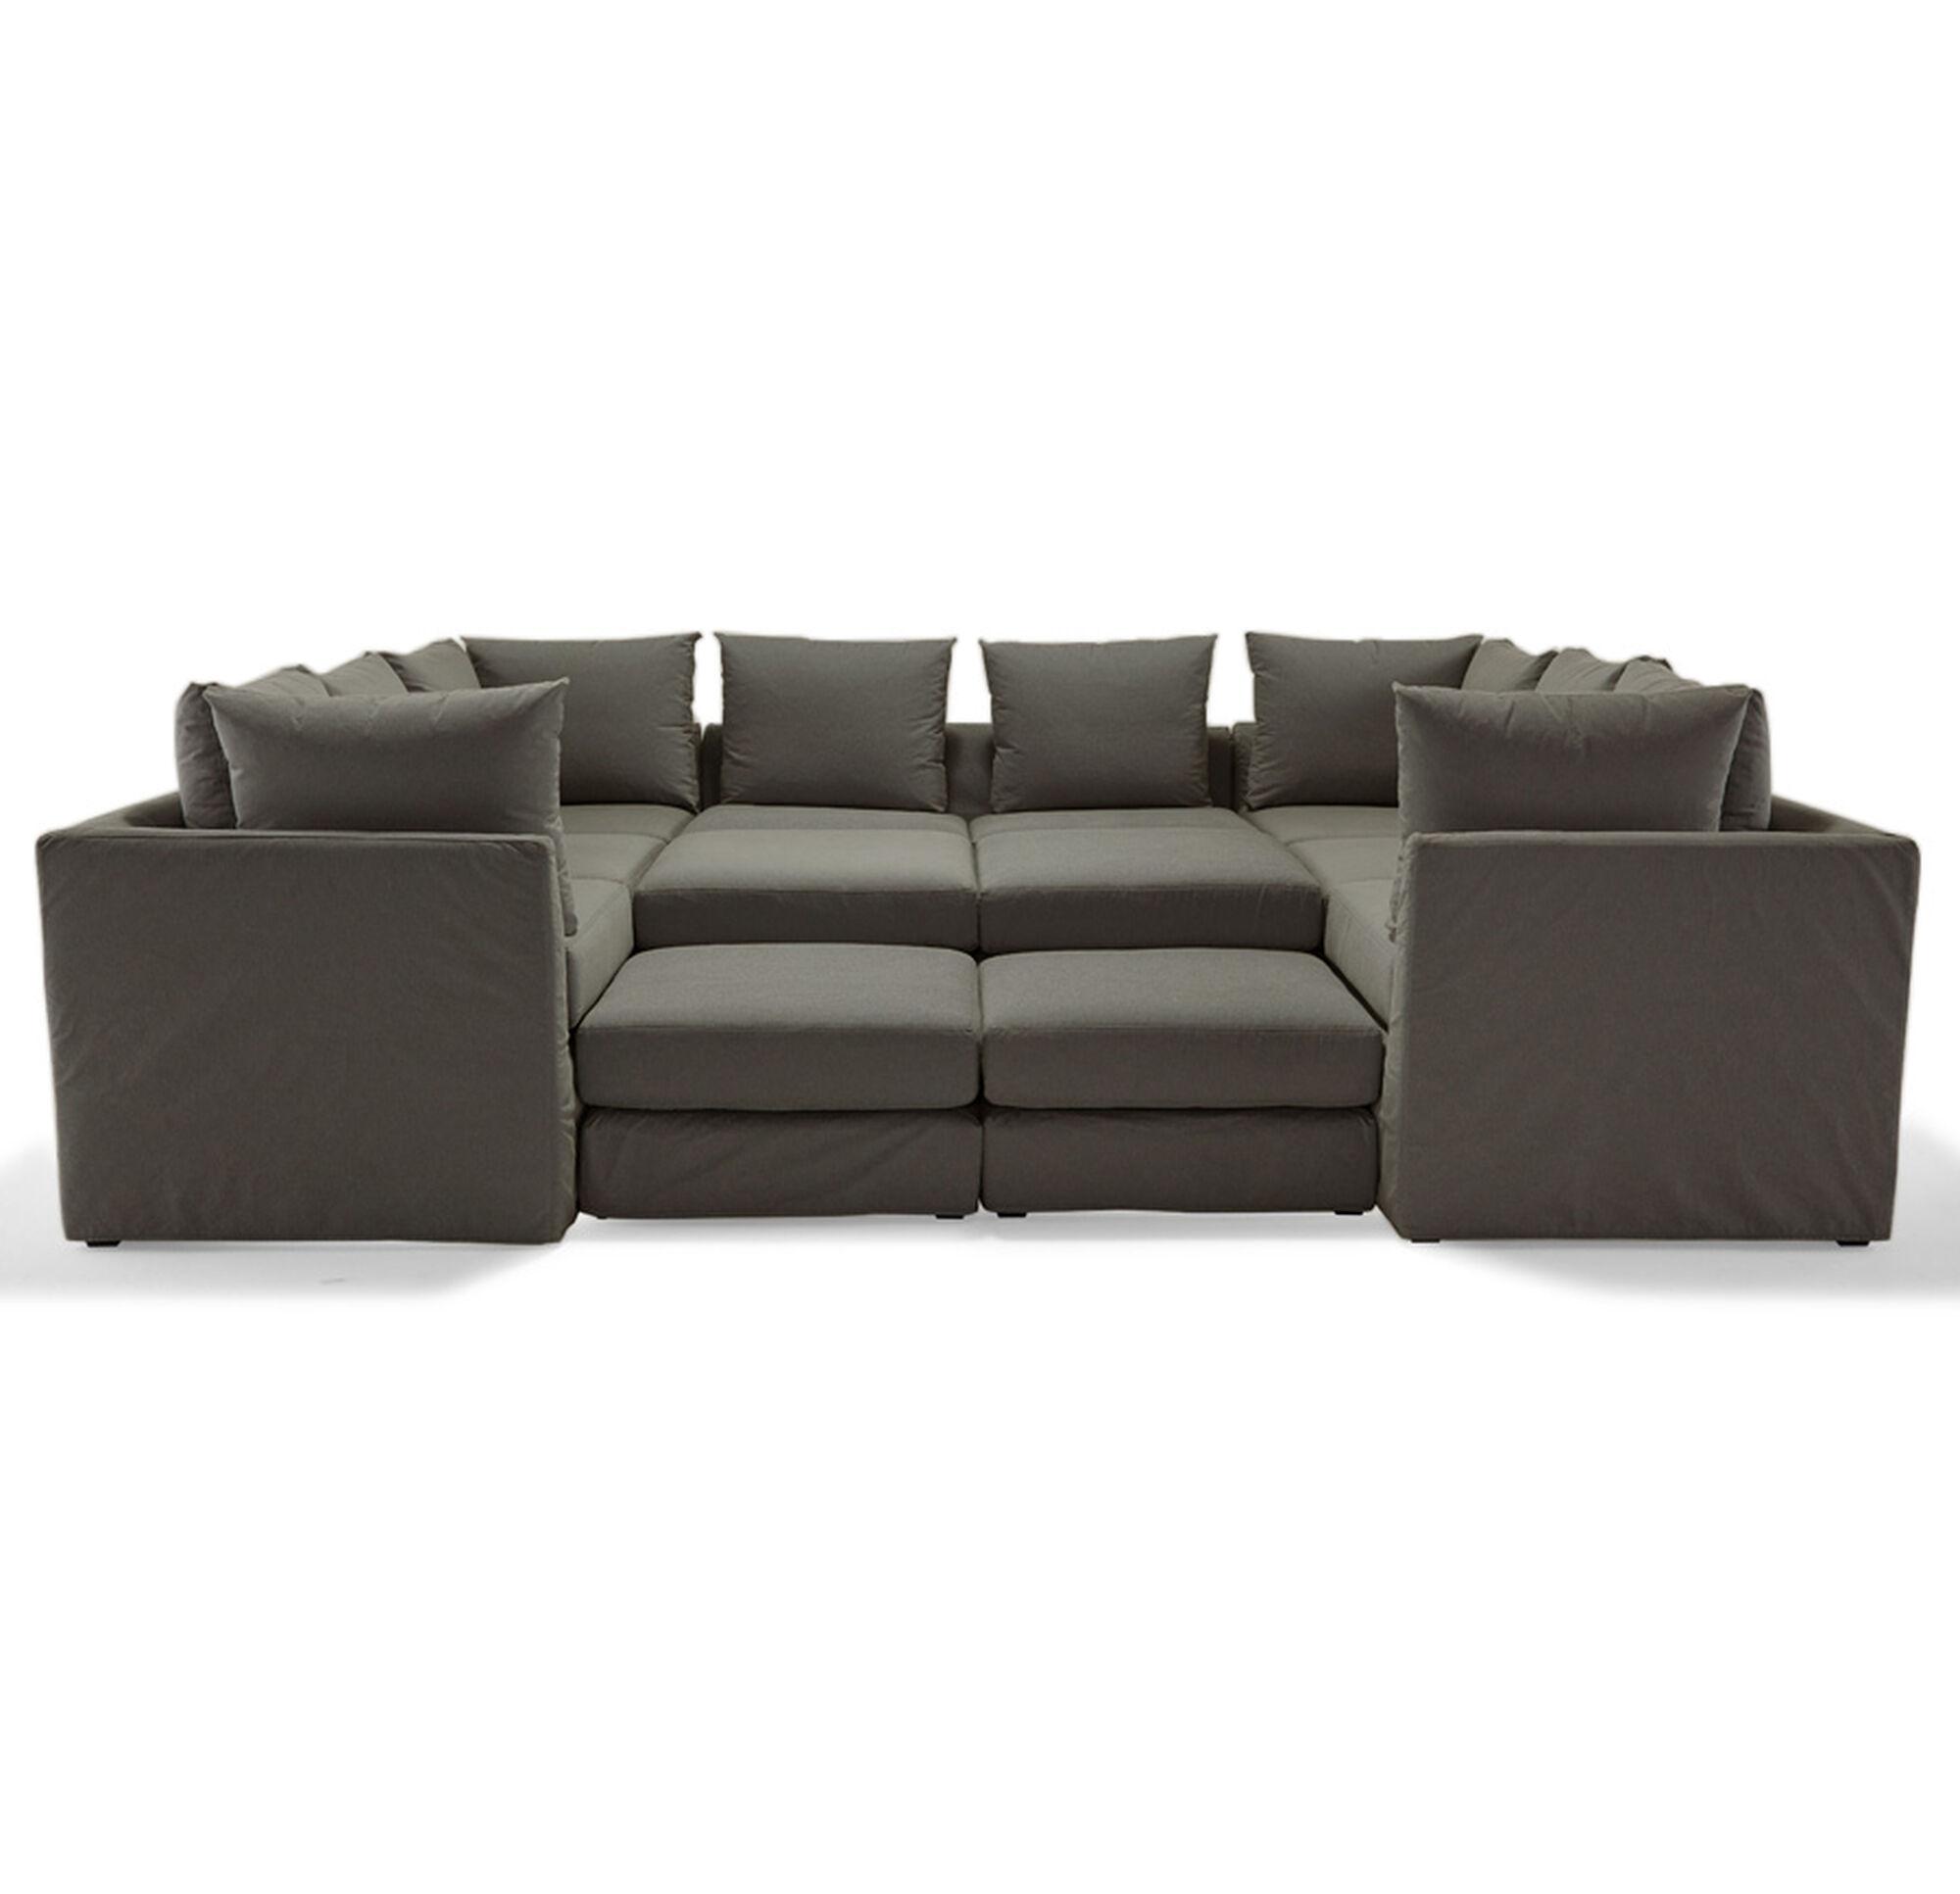 Pitt 7 Pc Sectional Sofa Hi Res